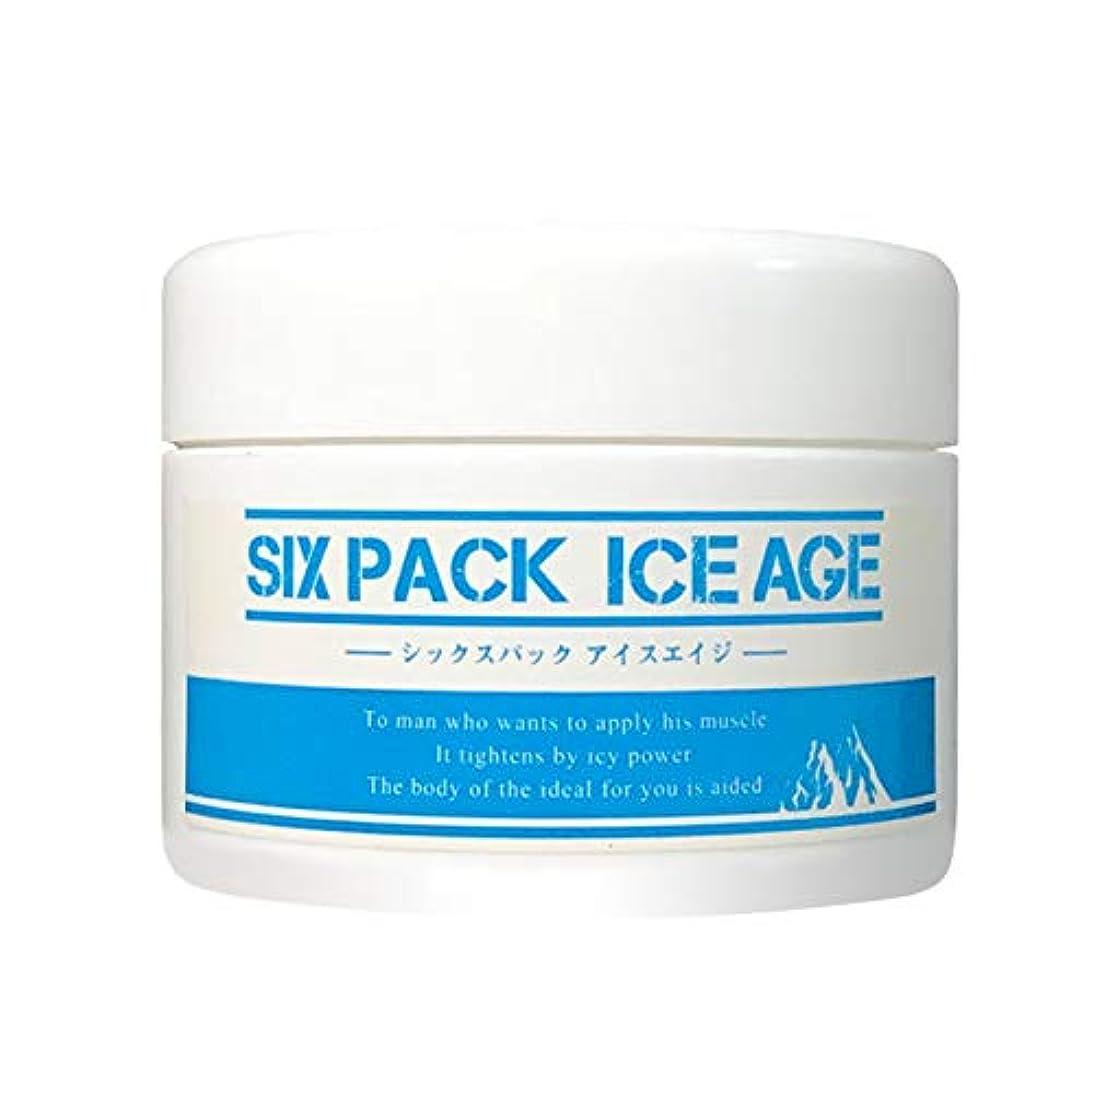 トリクル生産的失敗SIX PACK ICE AGE (シックスパックアイスエイジ) 冷却 マッサージクリーム (日本製) クール素材 シックスパックアイスエイジ (内容量200g)